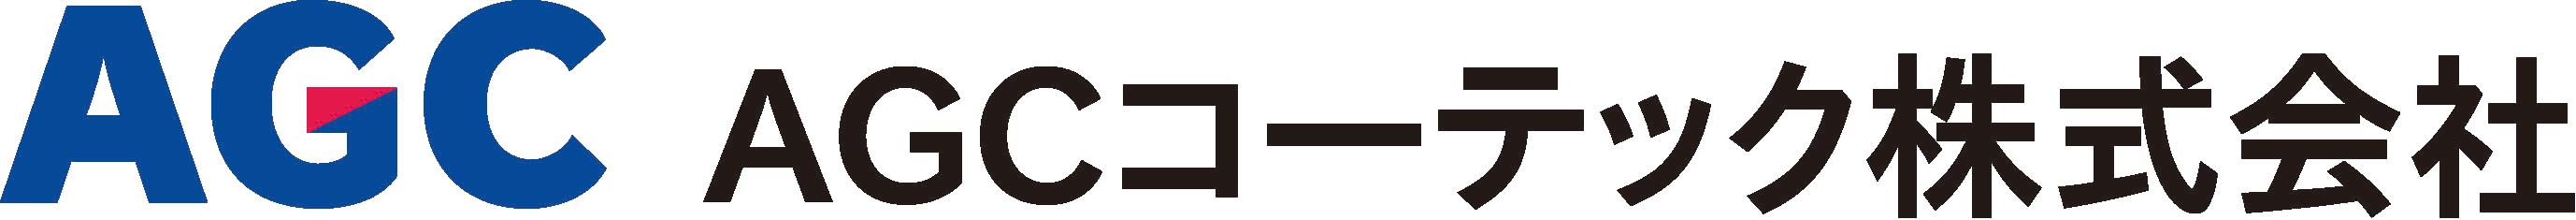 AGCコーテック株式会社